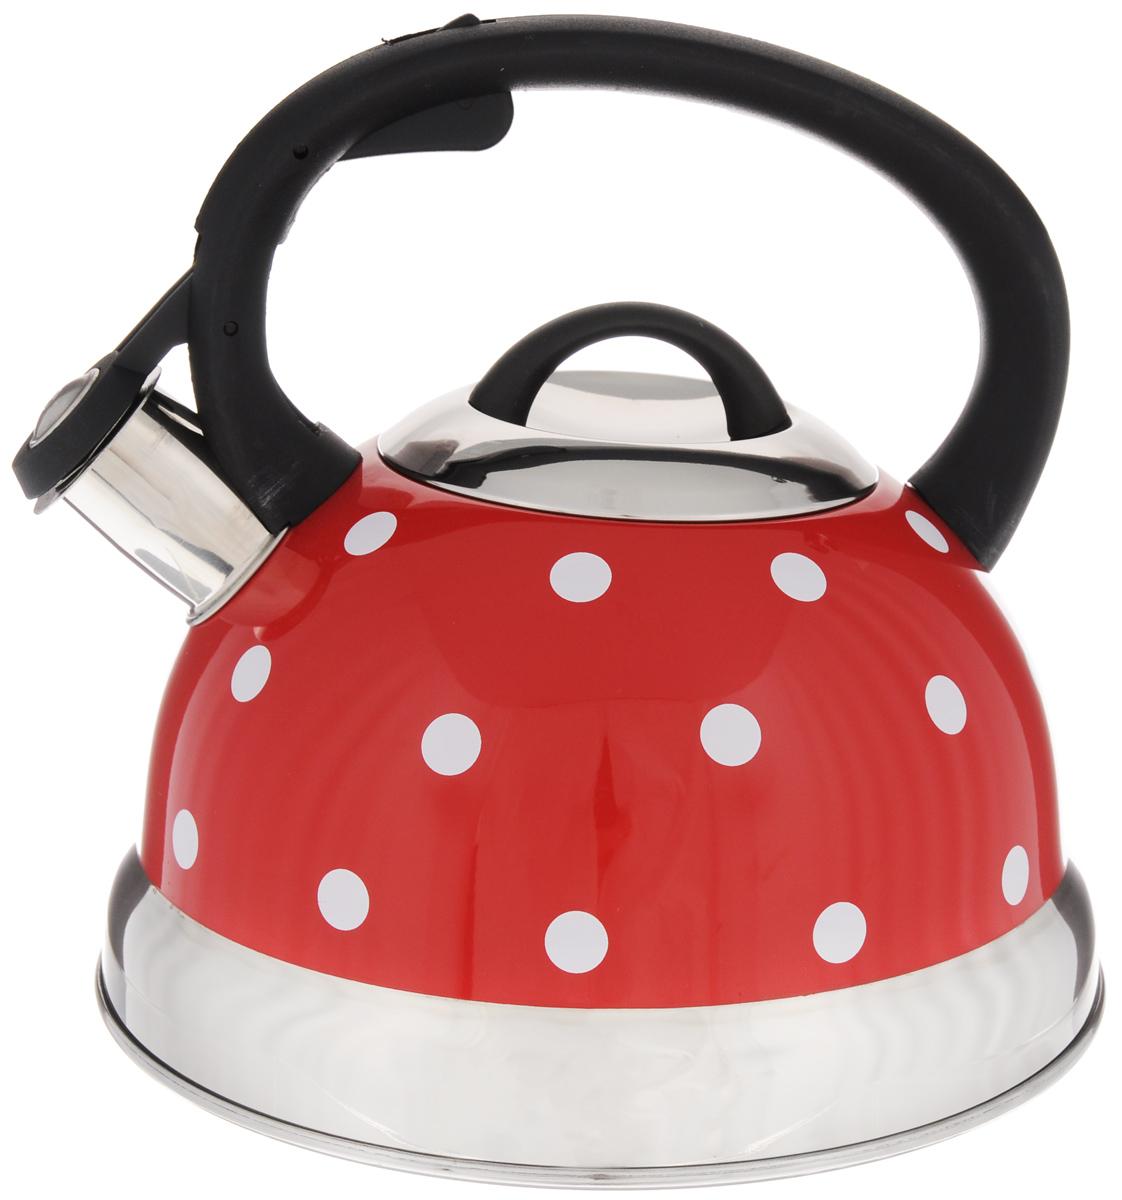 Чайник Mayer & Boch Горох, со свистком, цвет: красный, 2,6 л. 2566125661Чайник со свистком Mayer & Boch Горох изготовлен из высококачественной нержавеющей стали, что обеспечивает долговечность использования. Носик чайника оснащен откидным свистком, звуковой сигнал которого подскажет, когда закипит вода. Фиксированная ручка, изготовленная из пластика и цинка, снабжена клавишей для открывания носика, что делает использование чайника очень удобным и безопасным. Чайник Mayer & Boch - качественное исполнение и стильное решение для вашей кухни. Подходит для всех типов плит, включая индукционные. Можно мыть в посудомоечной машине. Высота чайника (с учетом ручки): 20,5 см. Диаметр чайника (по верхнему краю): 10 см. Диаметр основания: 21 см.